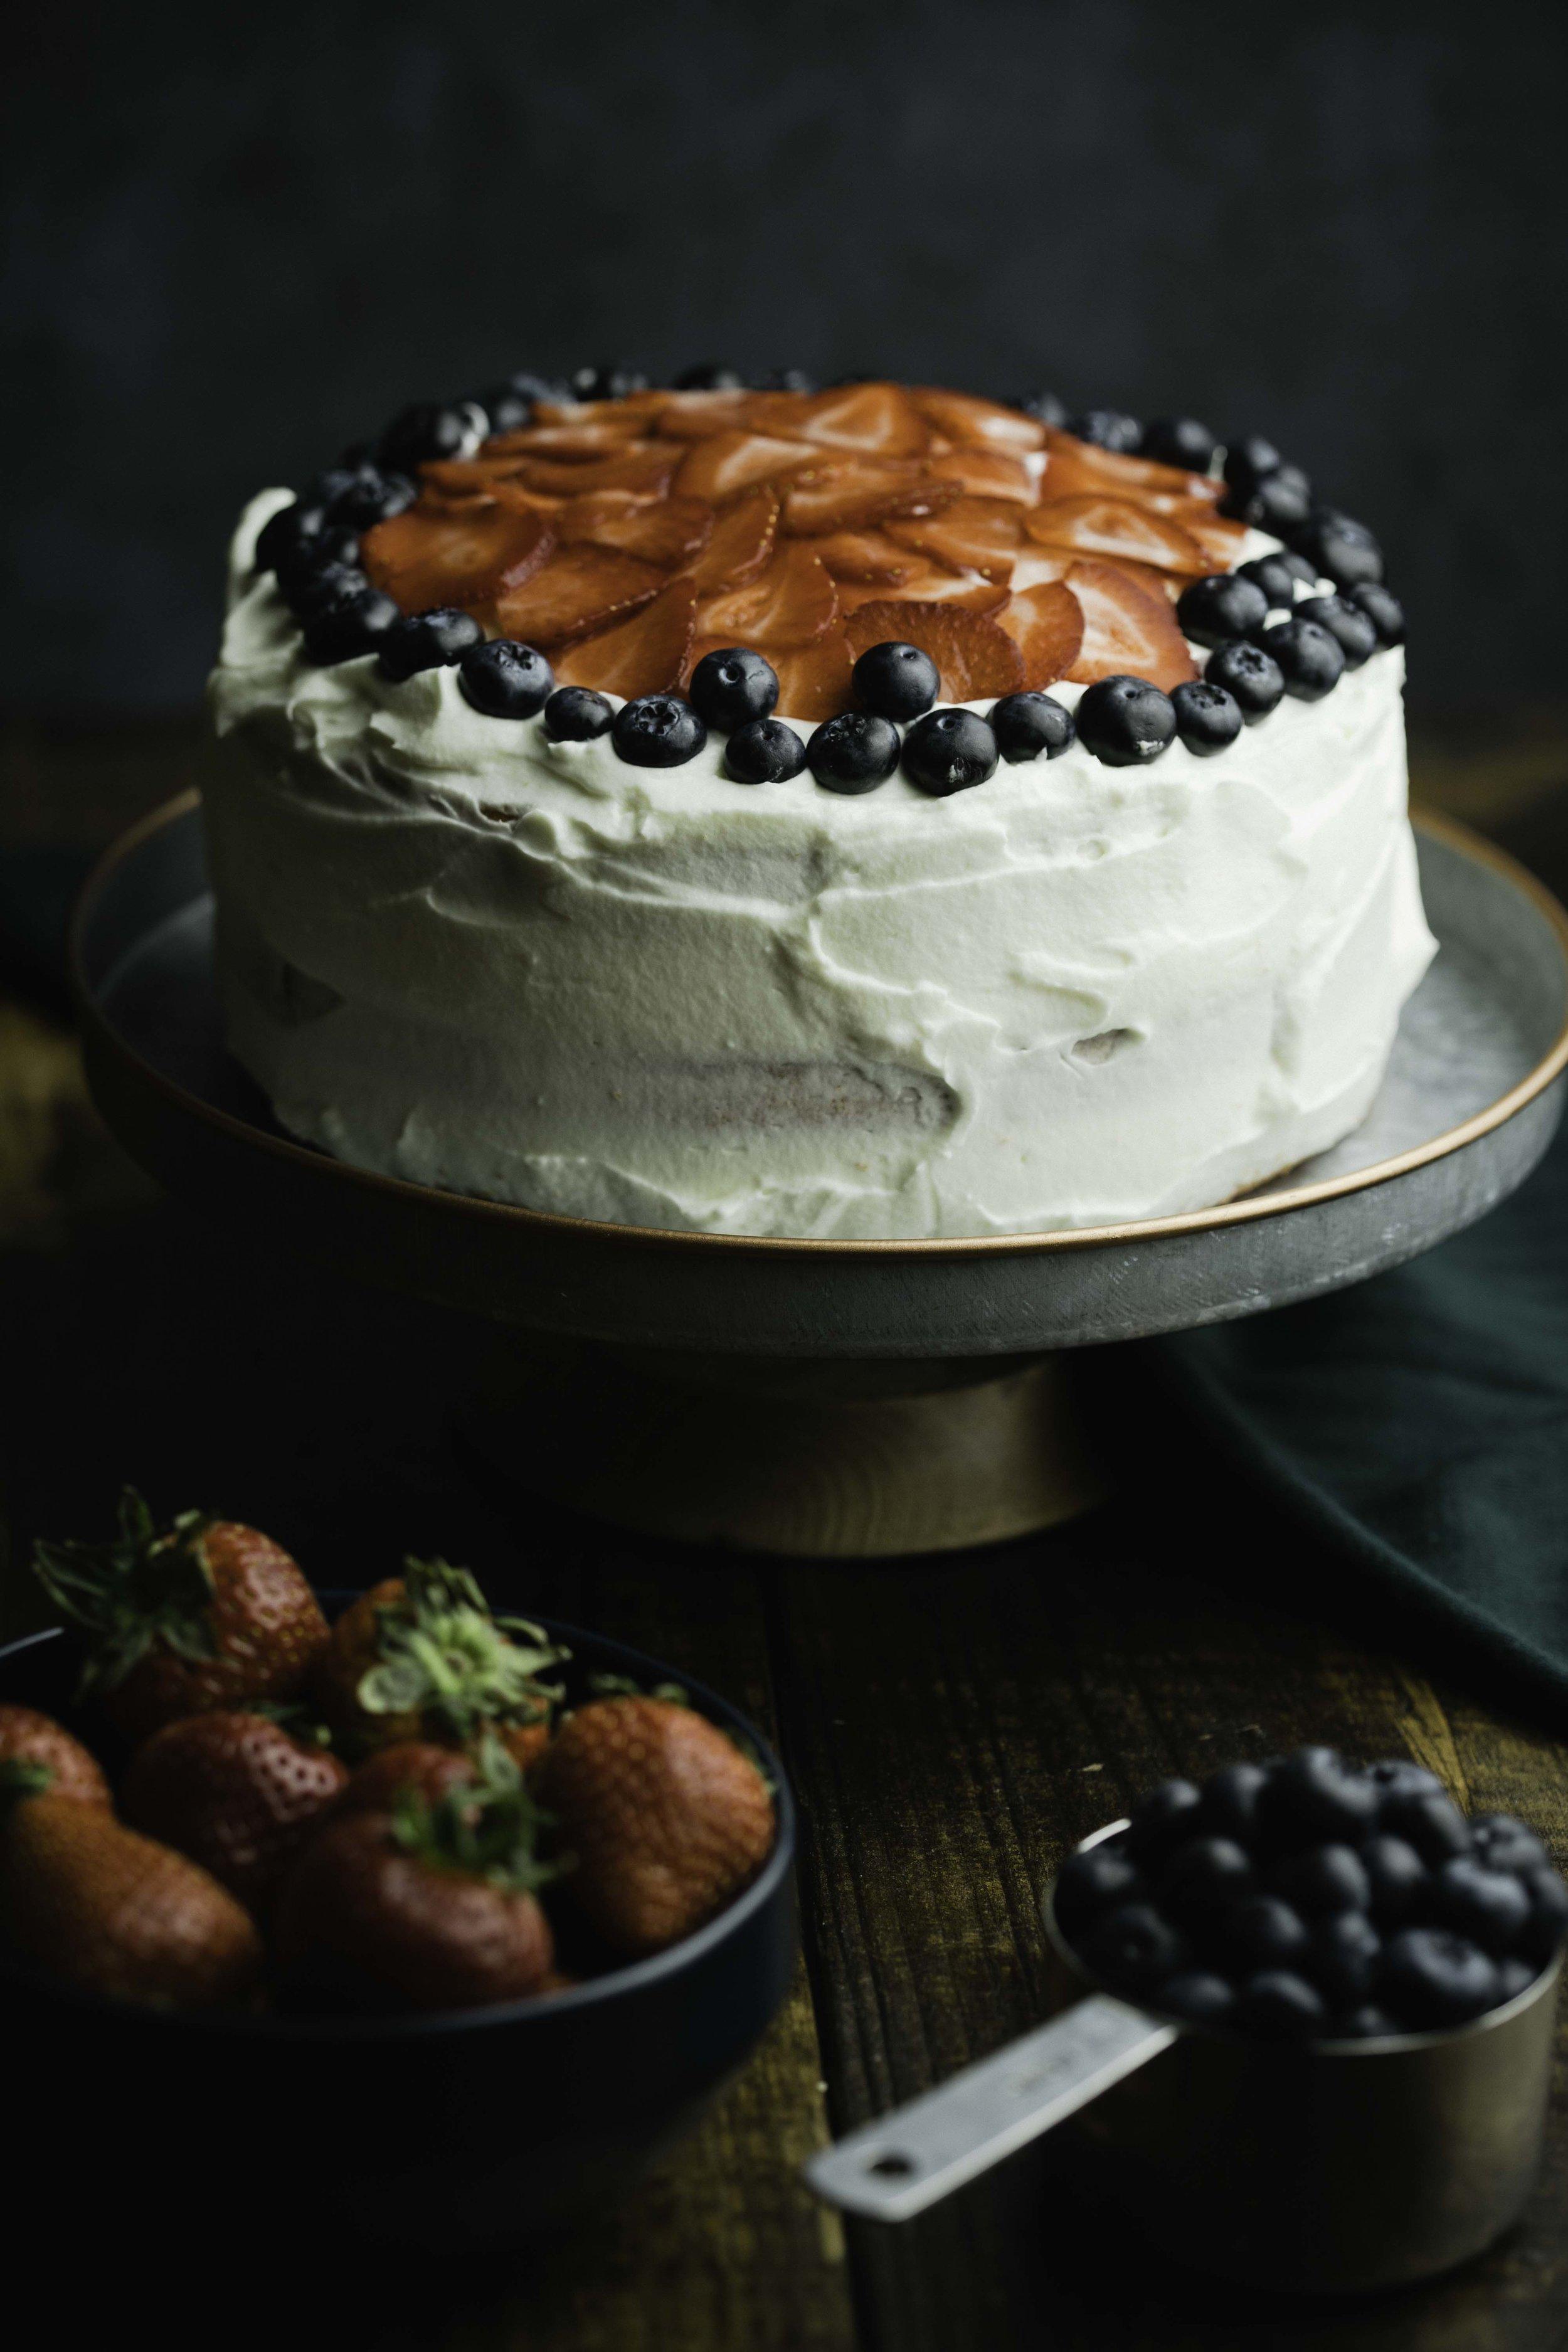 Chantill Cake_Small_32.jpg